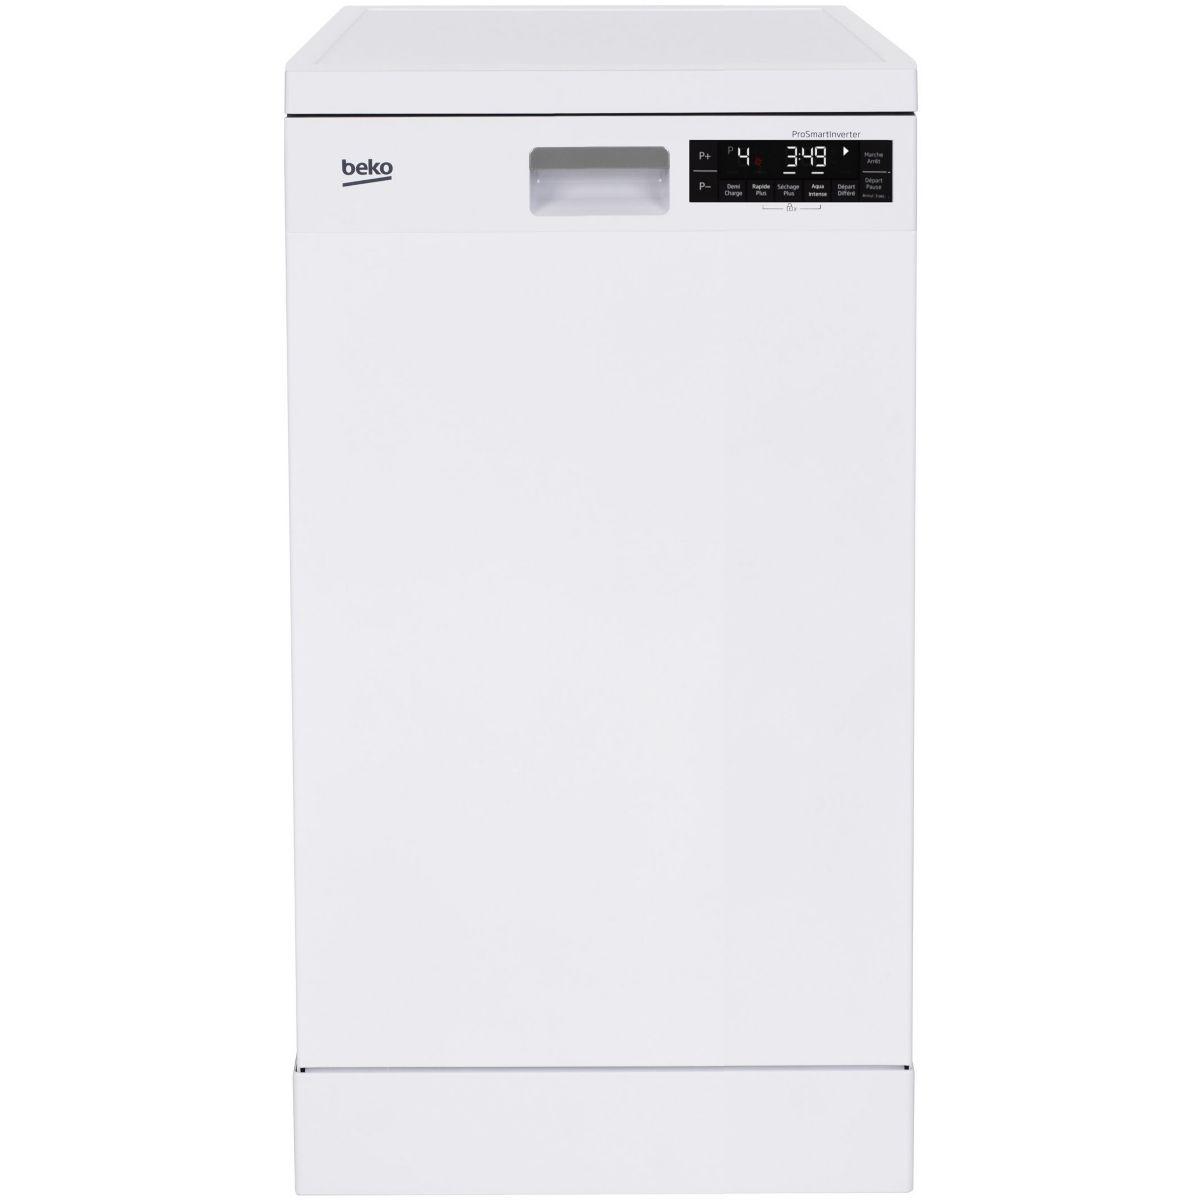 Lave vaisselle 45 cm BEKO DFS28120W